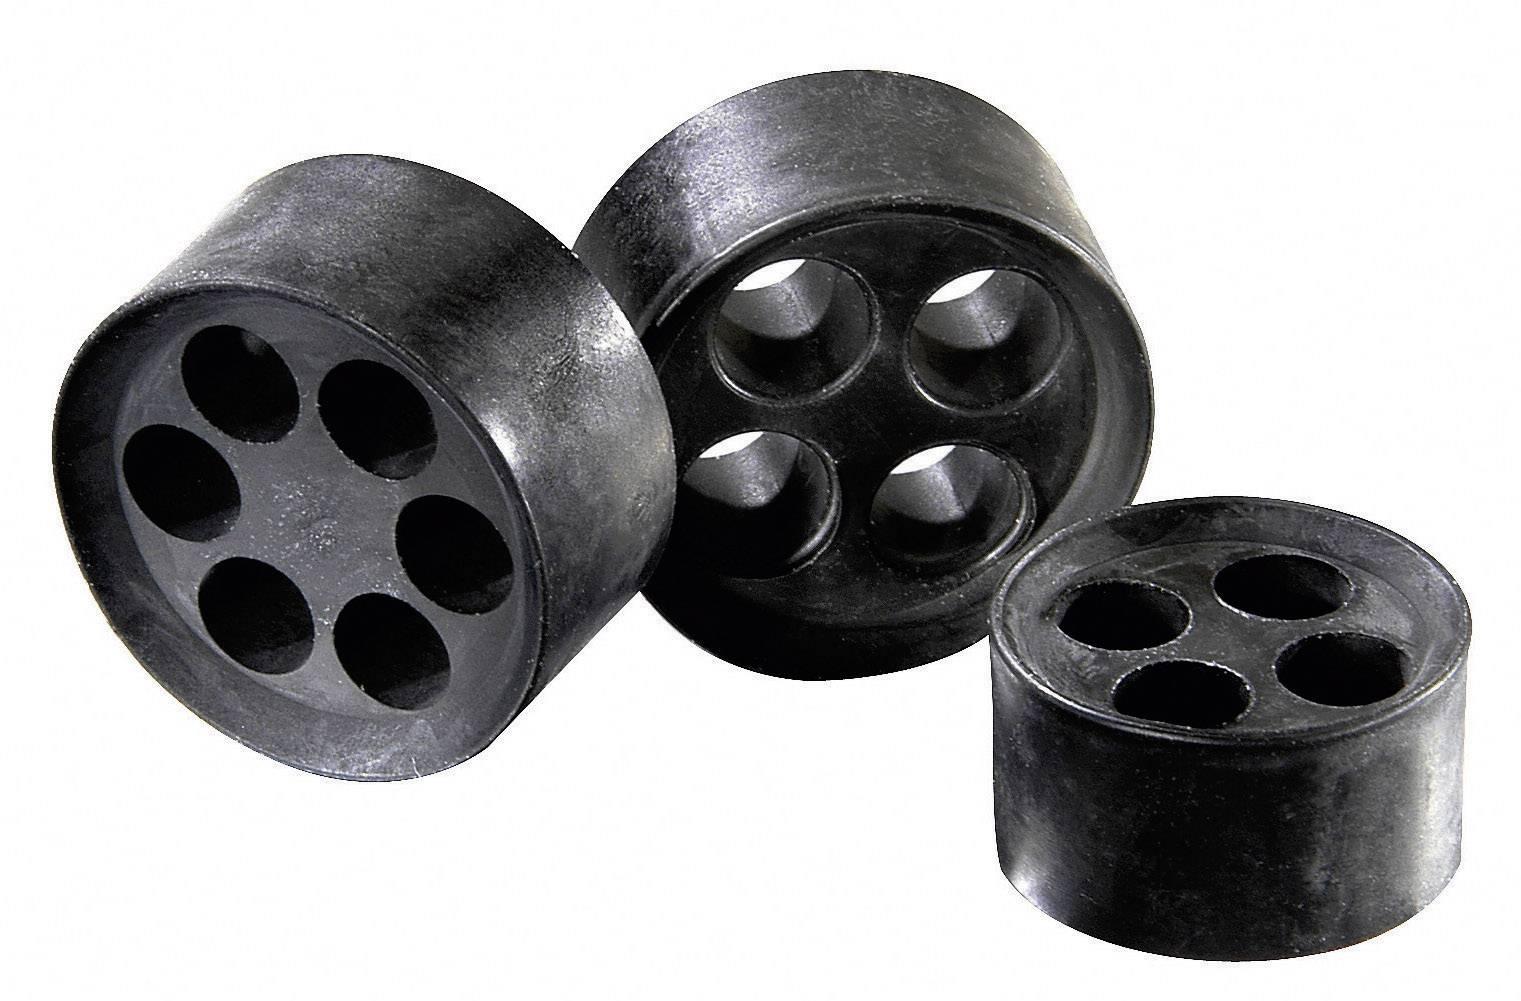 Těsnicí vložka M16 Wiska MFD 16/03/021 (10101014), IP66, M16, elastomer, černá